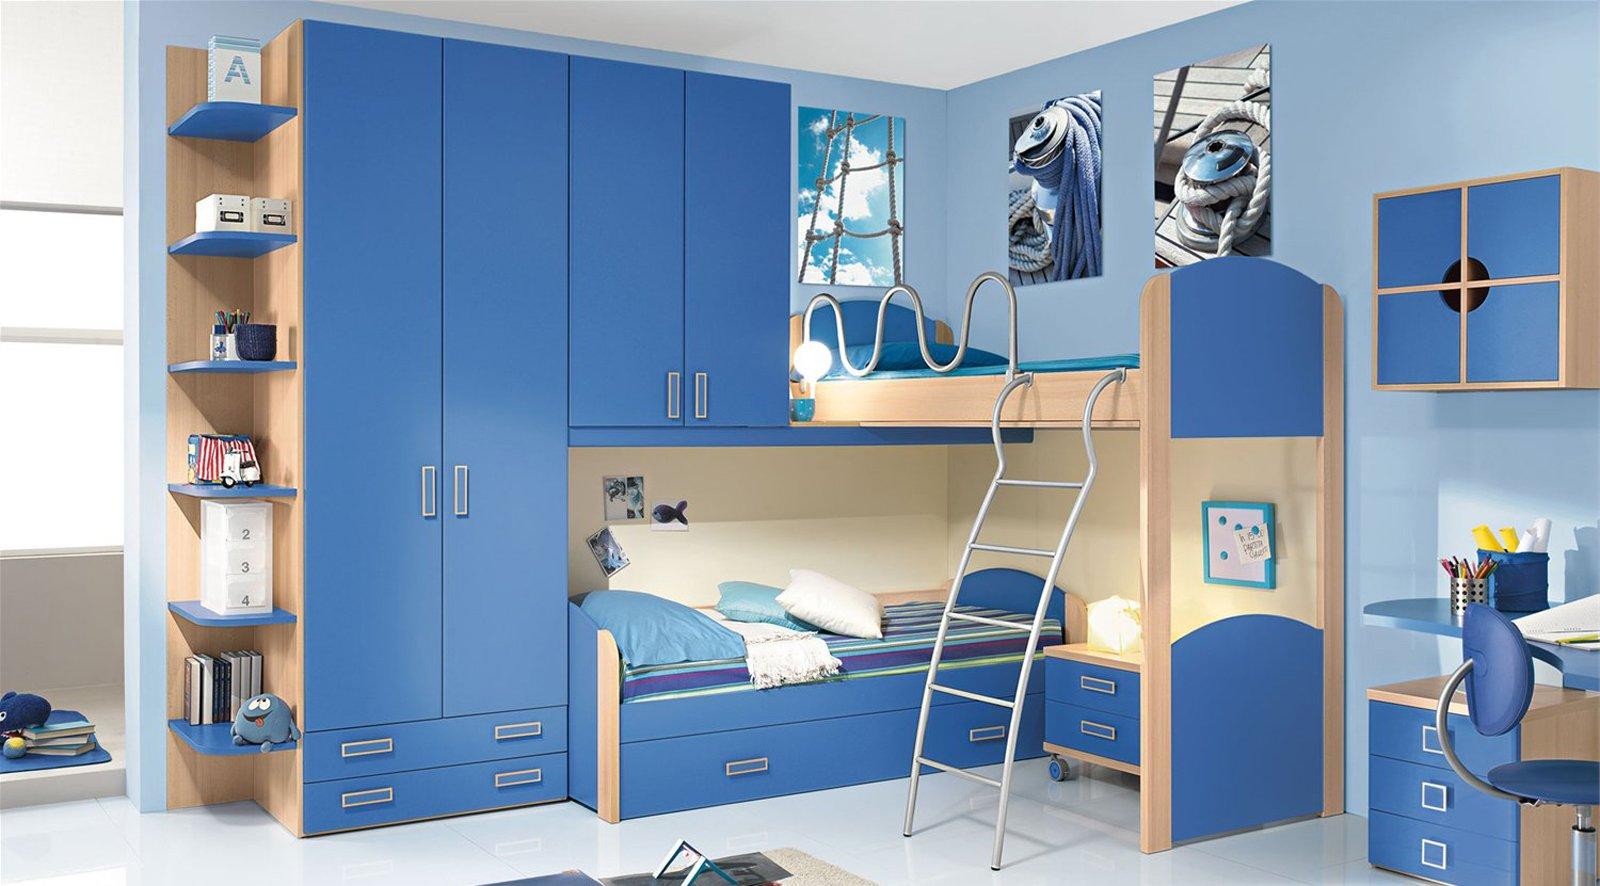 Camerette funzionalit a misura di bambino cose di casa - Soluzioni per camerette ...